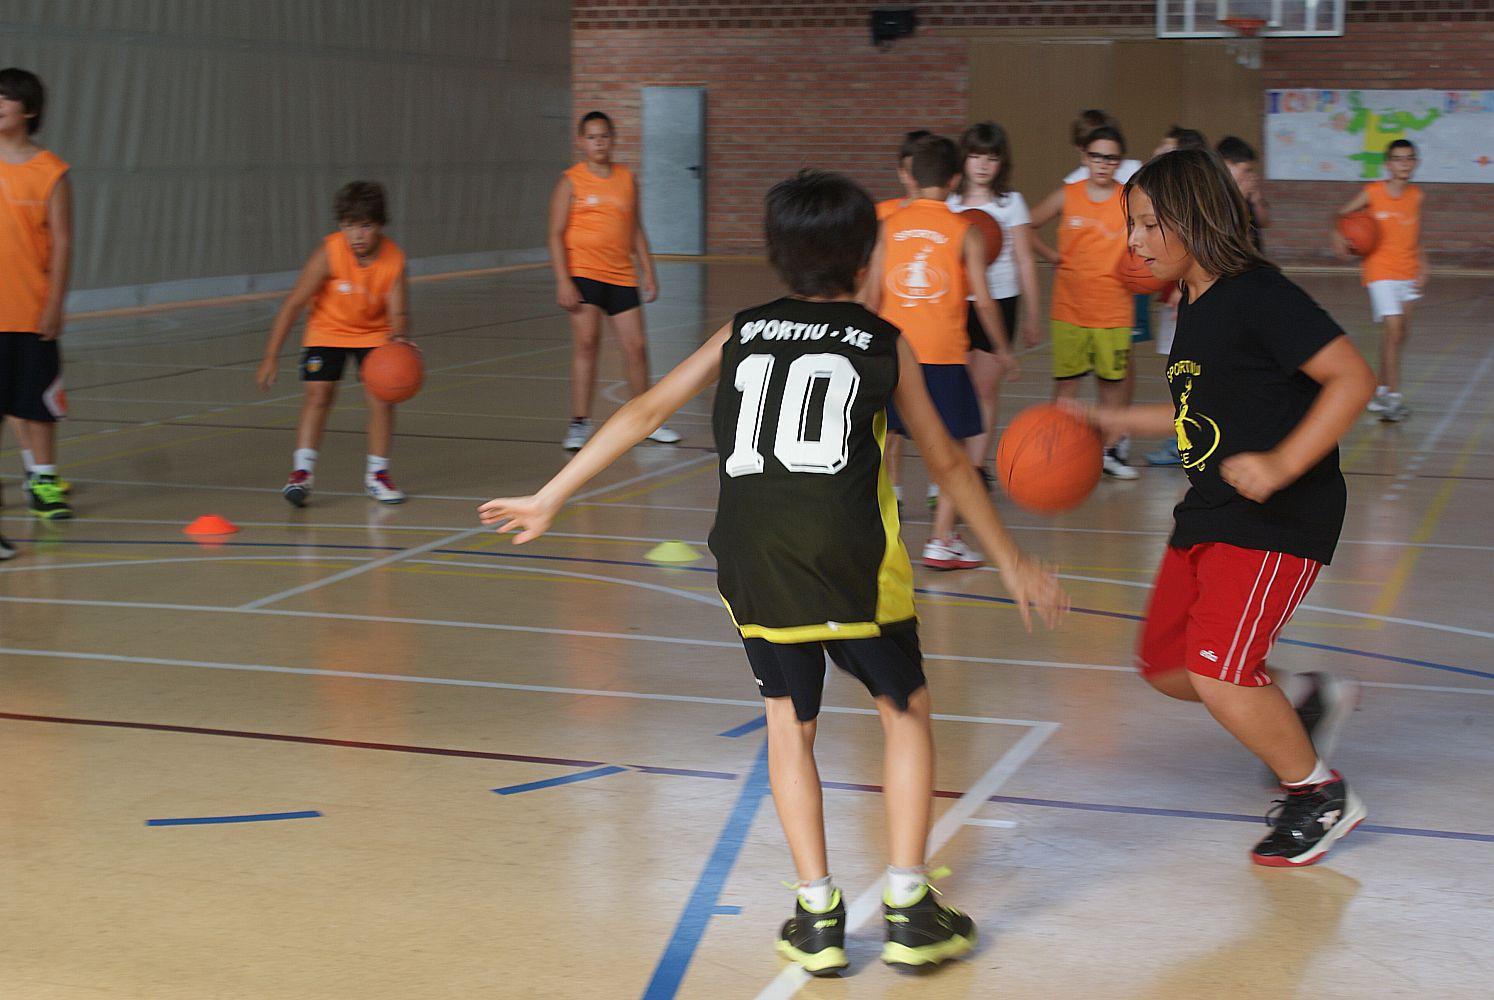 Ajuntament d'Alaquàs. Prensa.El club Sportiu Xe organiza el I Campus de Básquet en Alaquàs